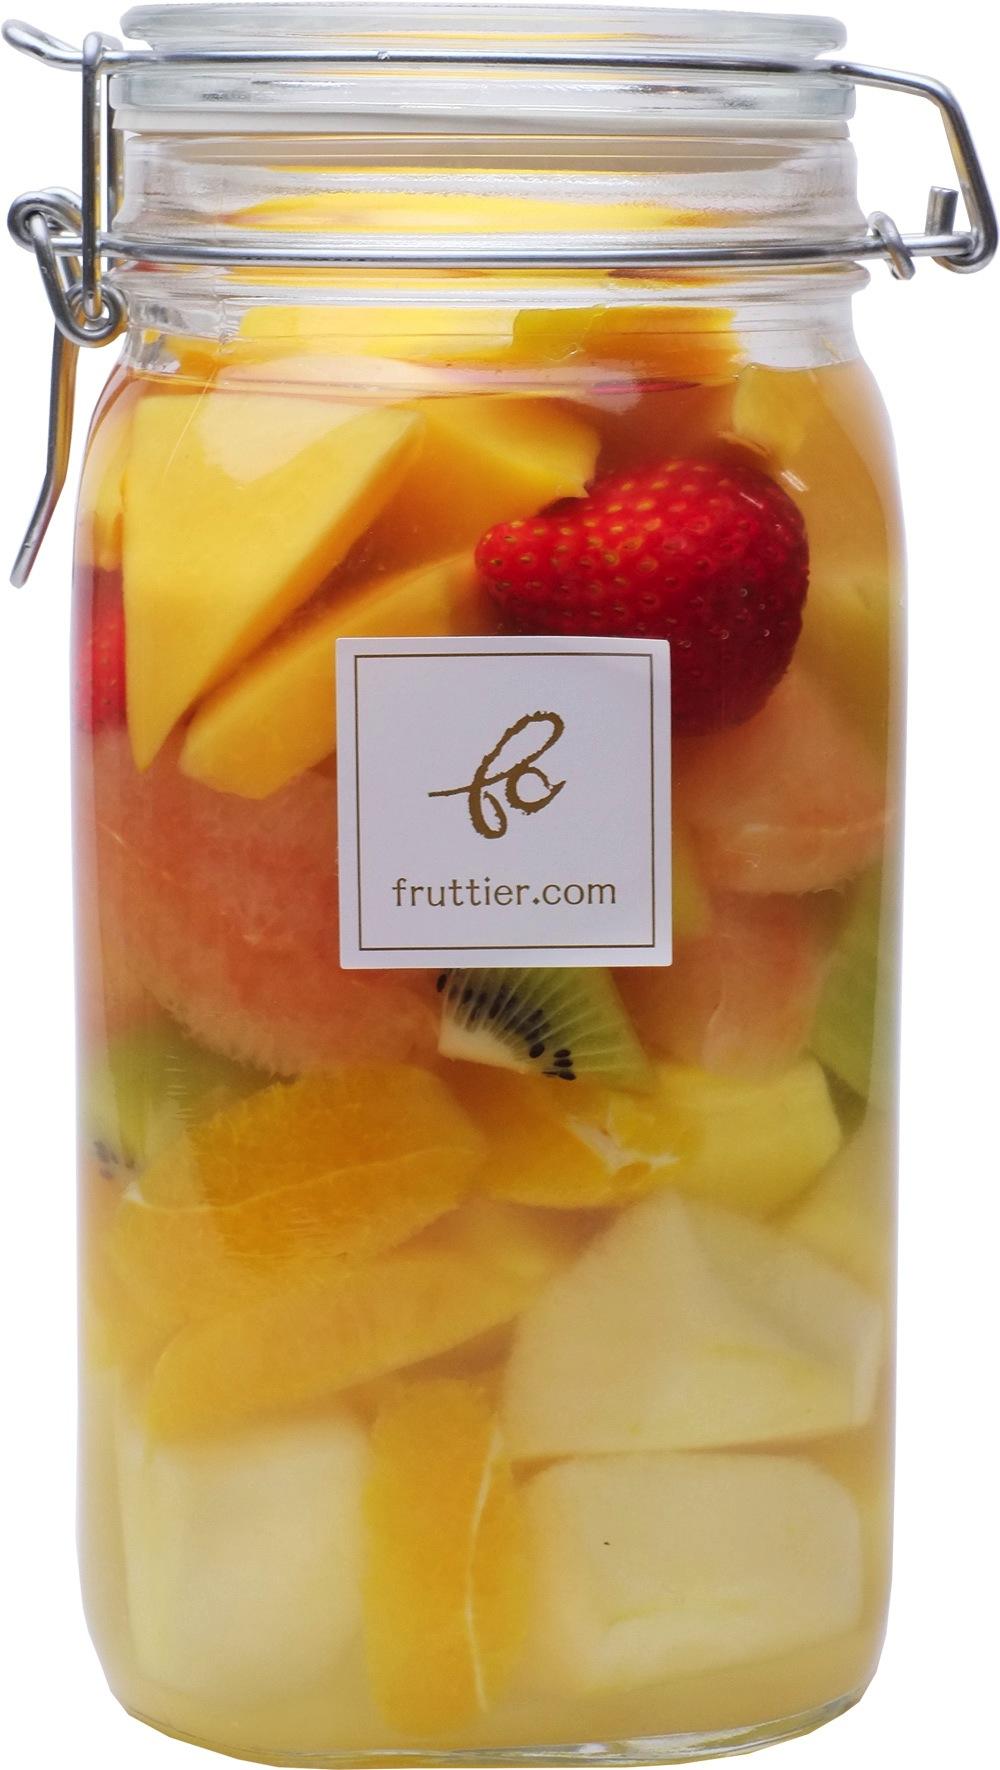 フルーツポンチッチFamily〜マンゴー食べ比べ〜入園・入学祝い/内祝い/快気祝い/お土産/パーティーにどうぞ